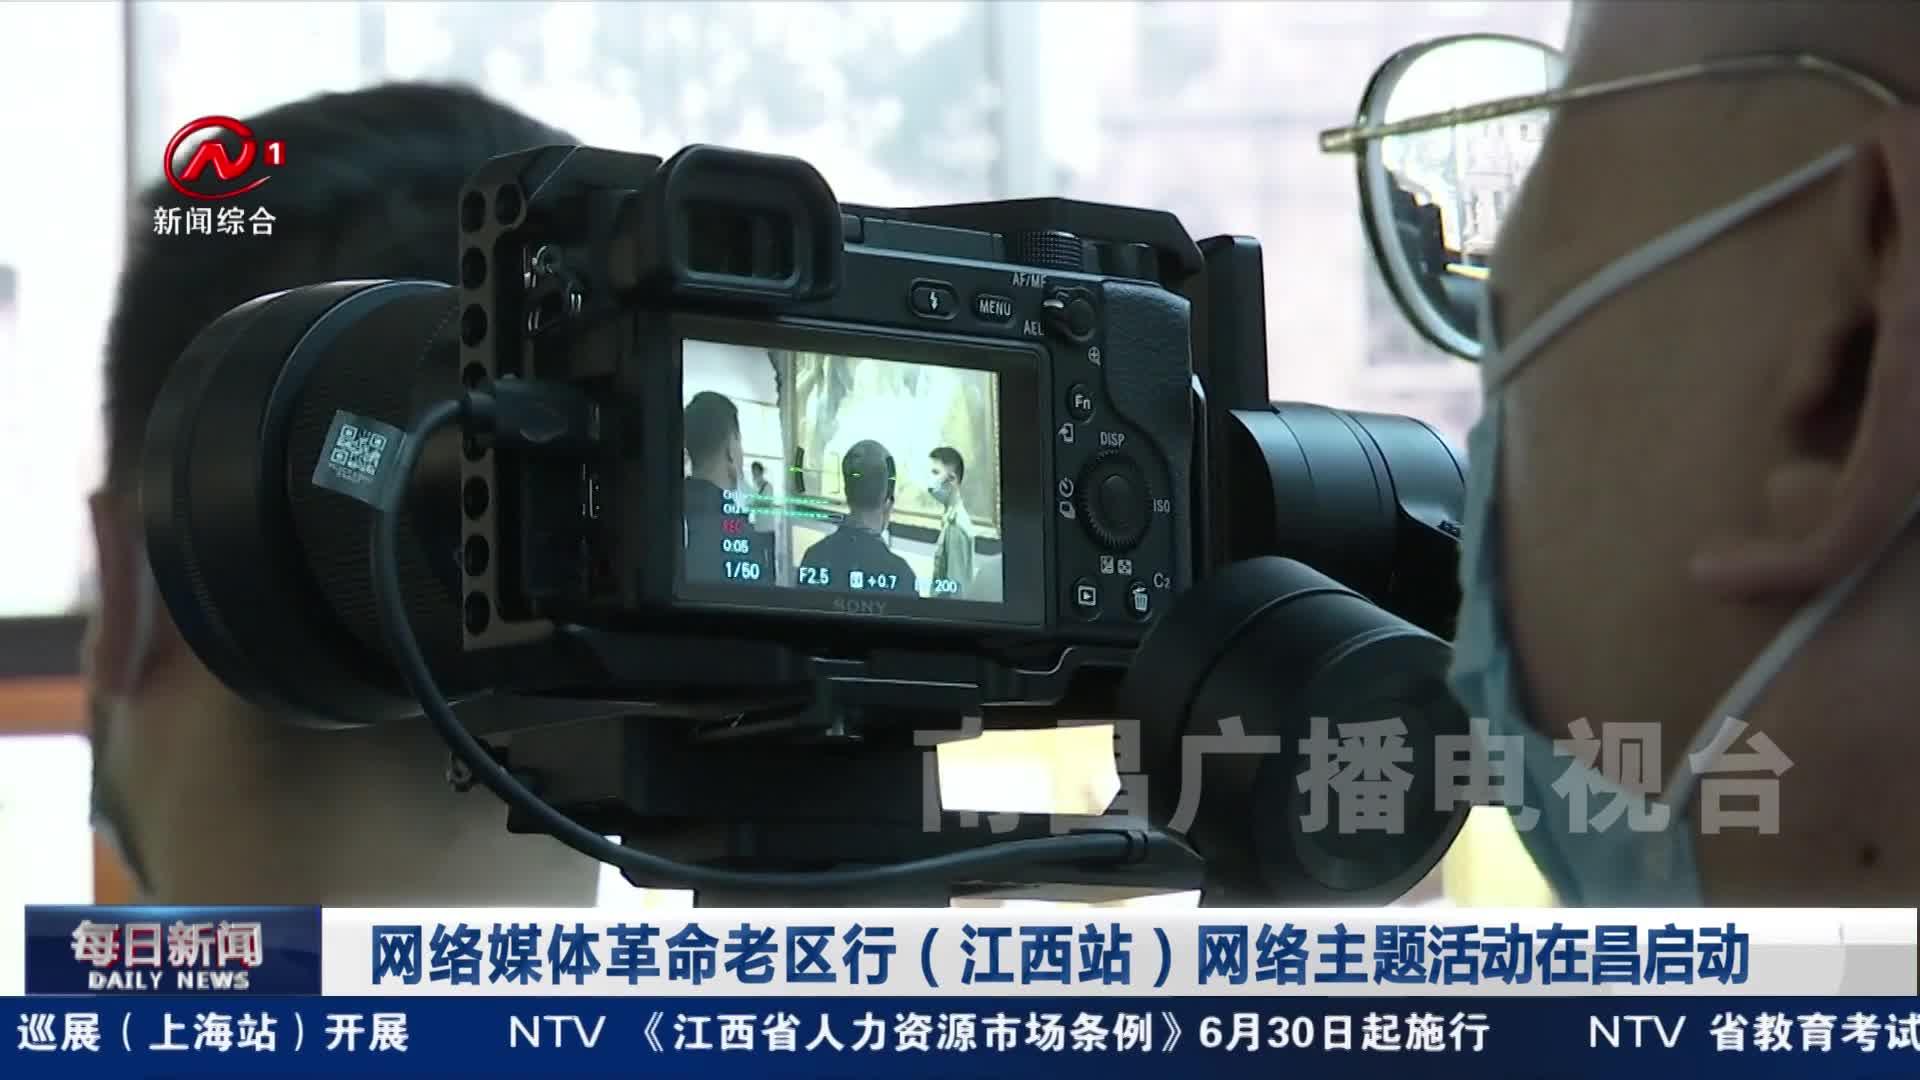 网络媒体革命老区行(江西站)网络主题活动在昌启动